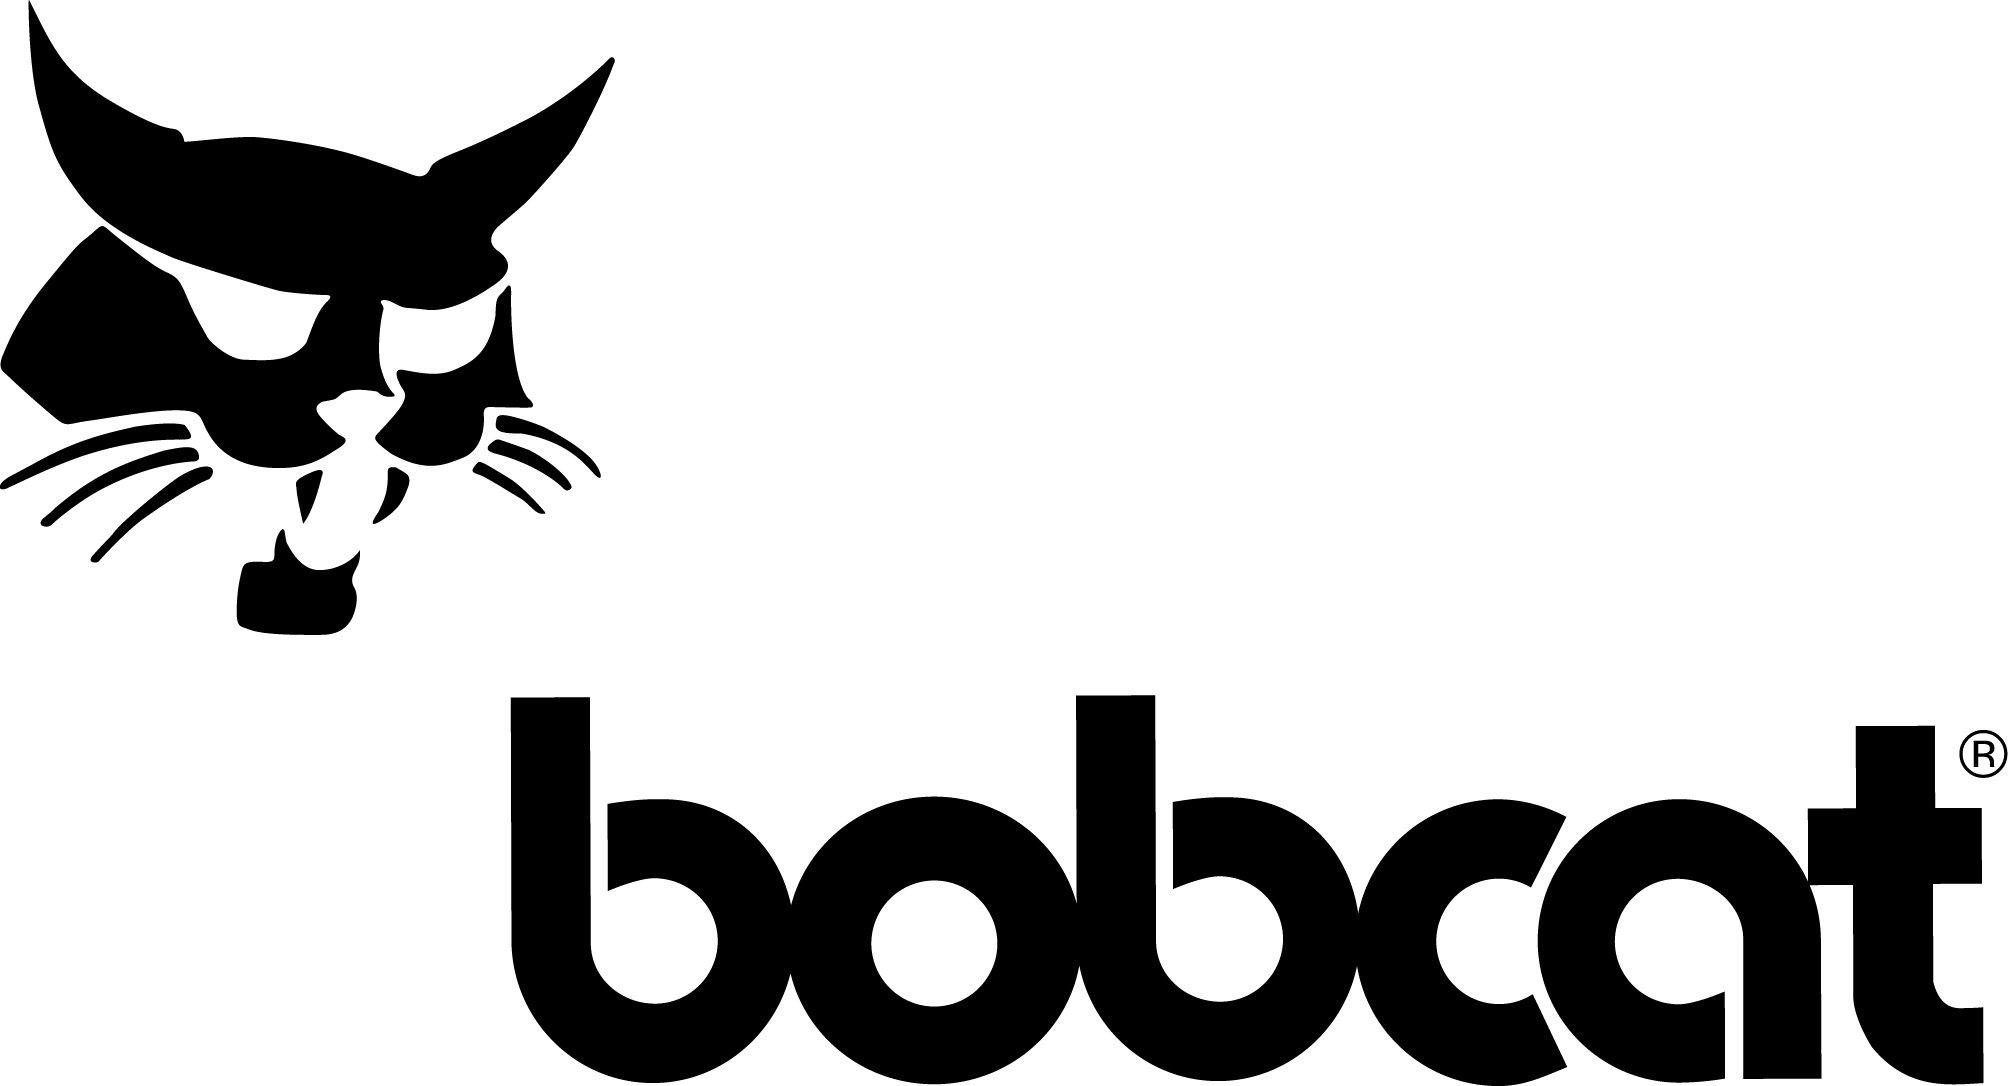 Bobcat skid steer Logos